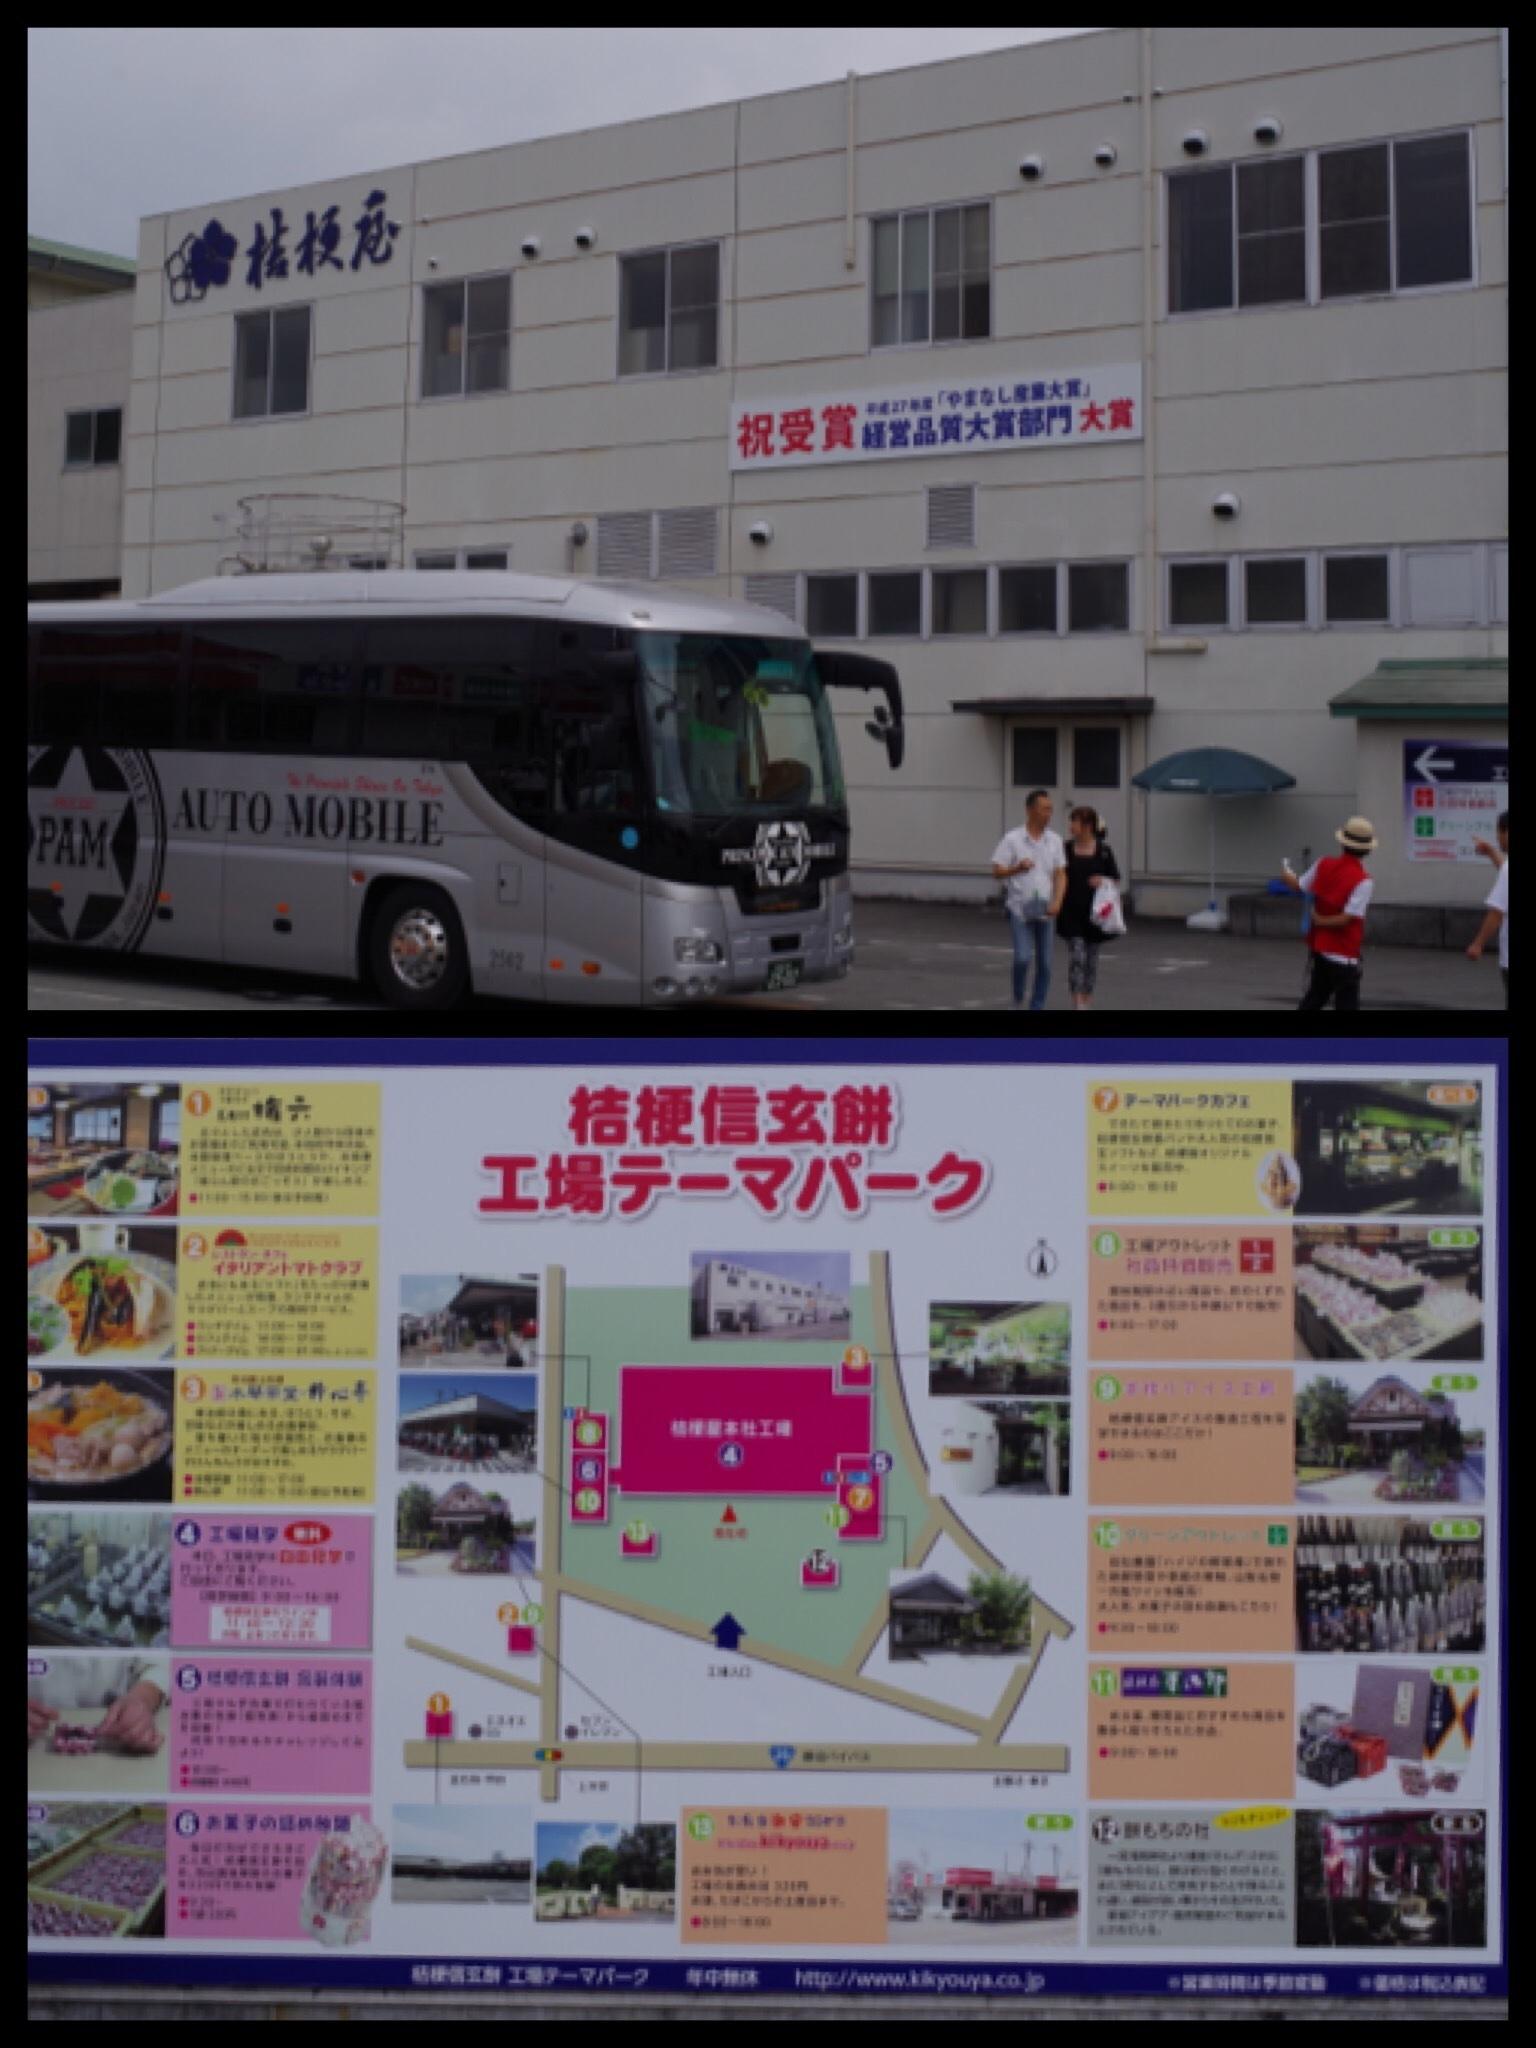 山梨 桔梗信玄餅工場テーマパーク